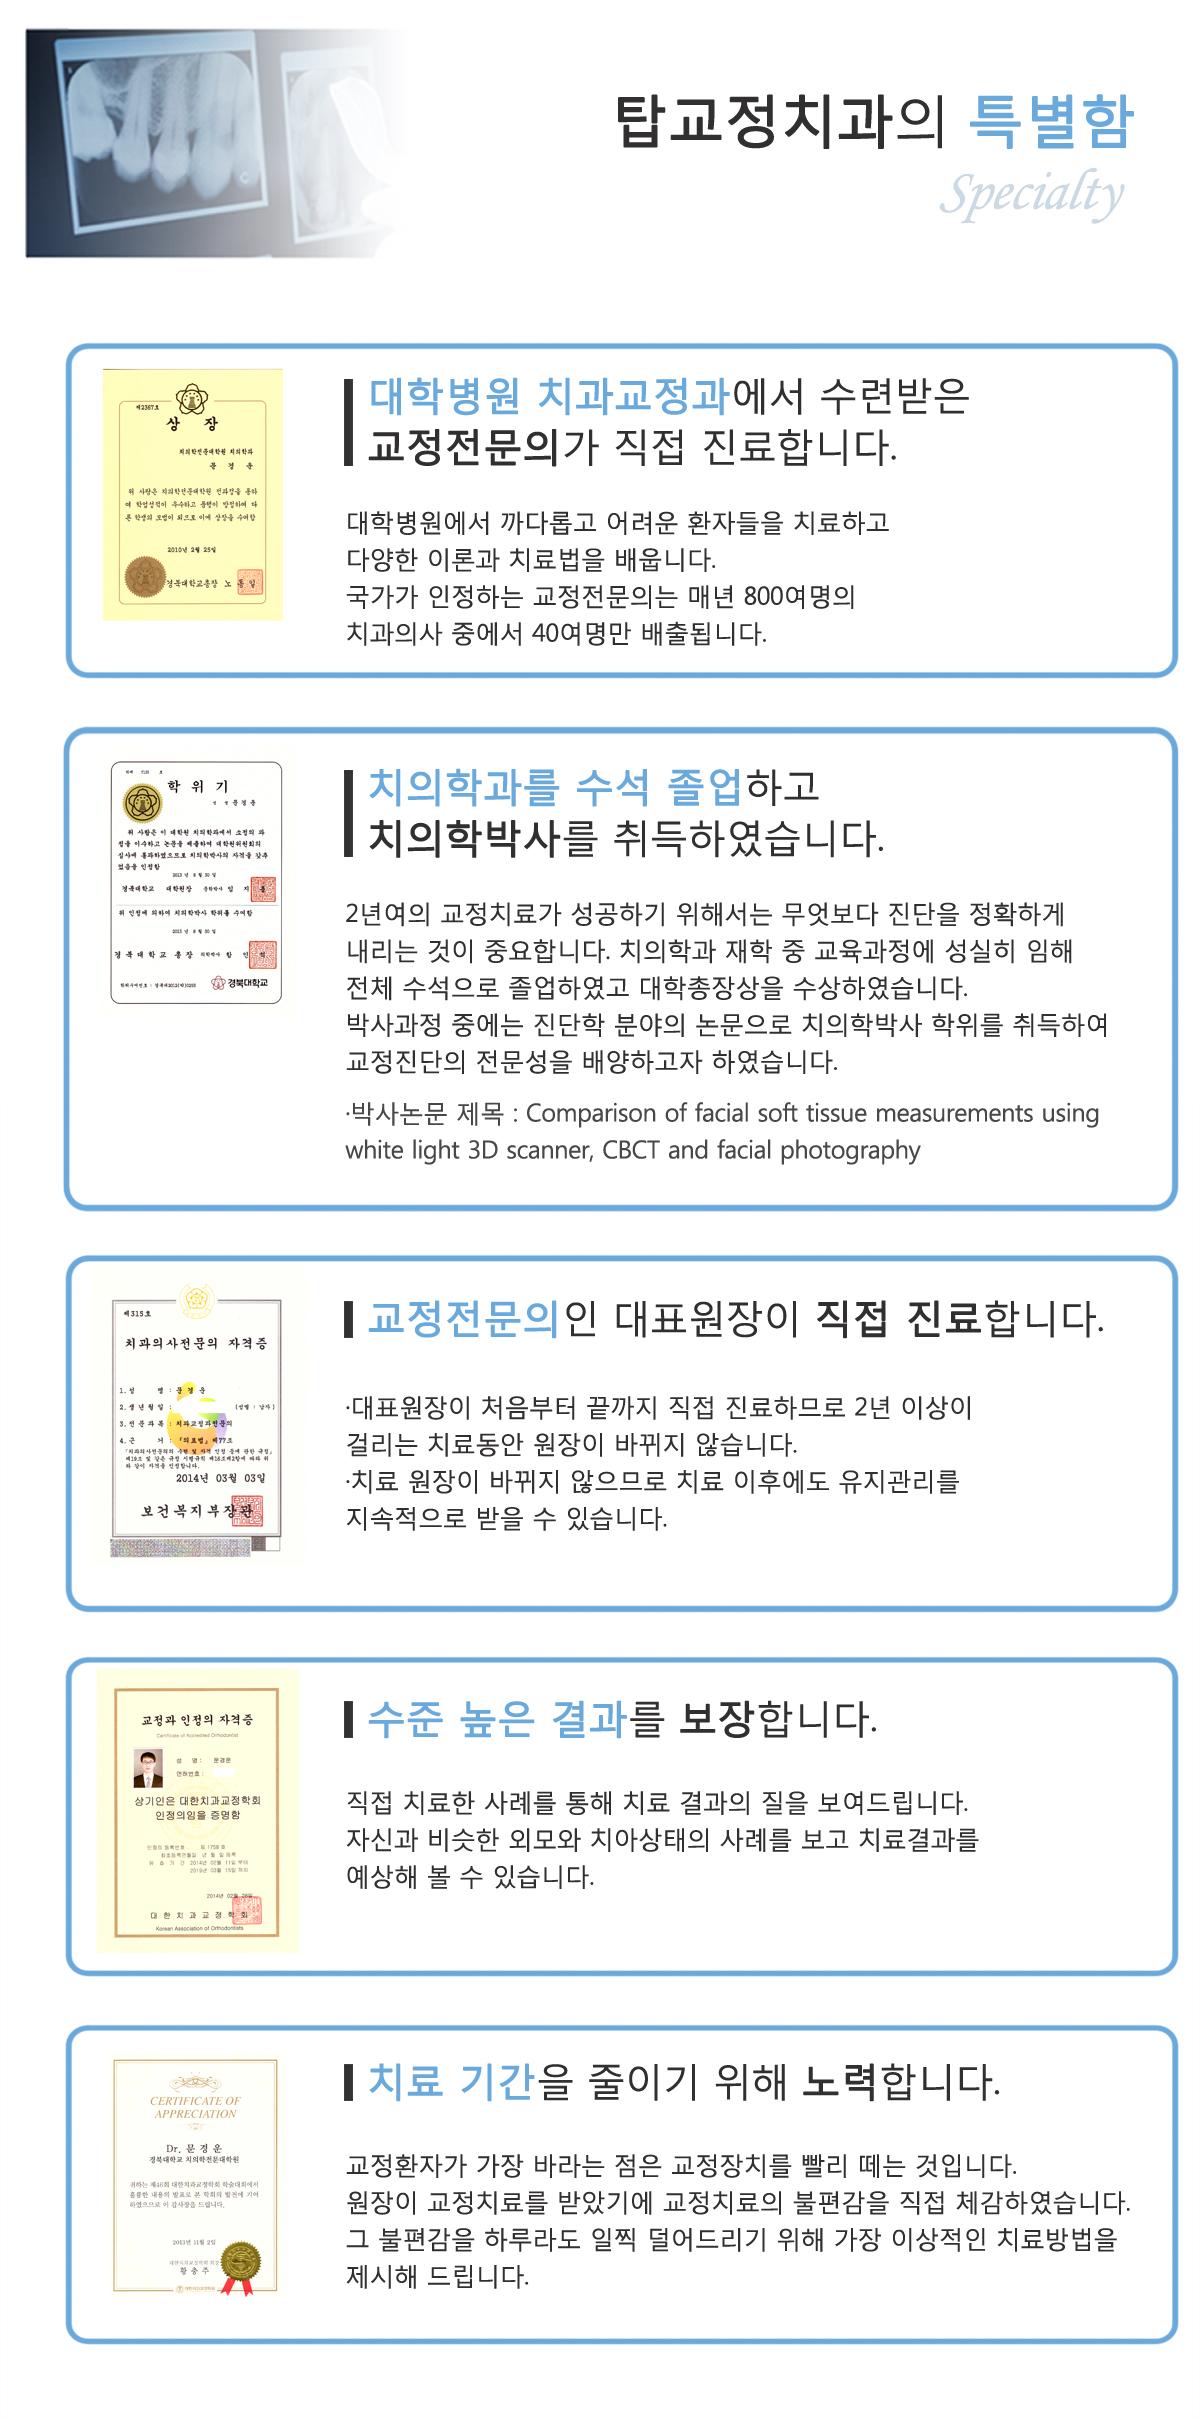 탑교정치과의특별함 사이즈업3.jpg